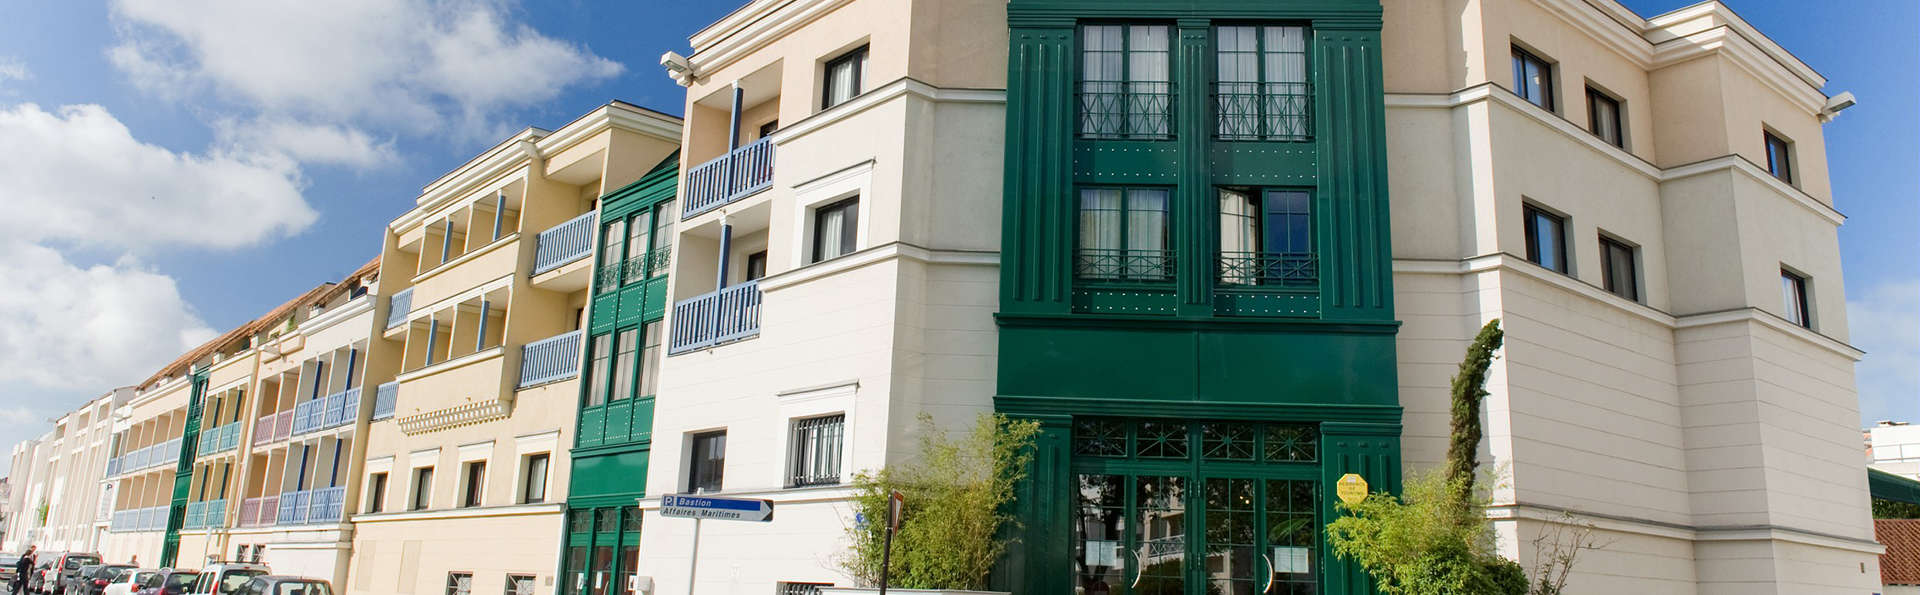 Pierre et Vacances Résidence Centre - Edit_Front2.jpg